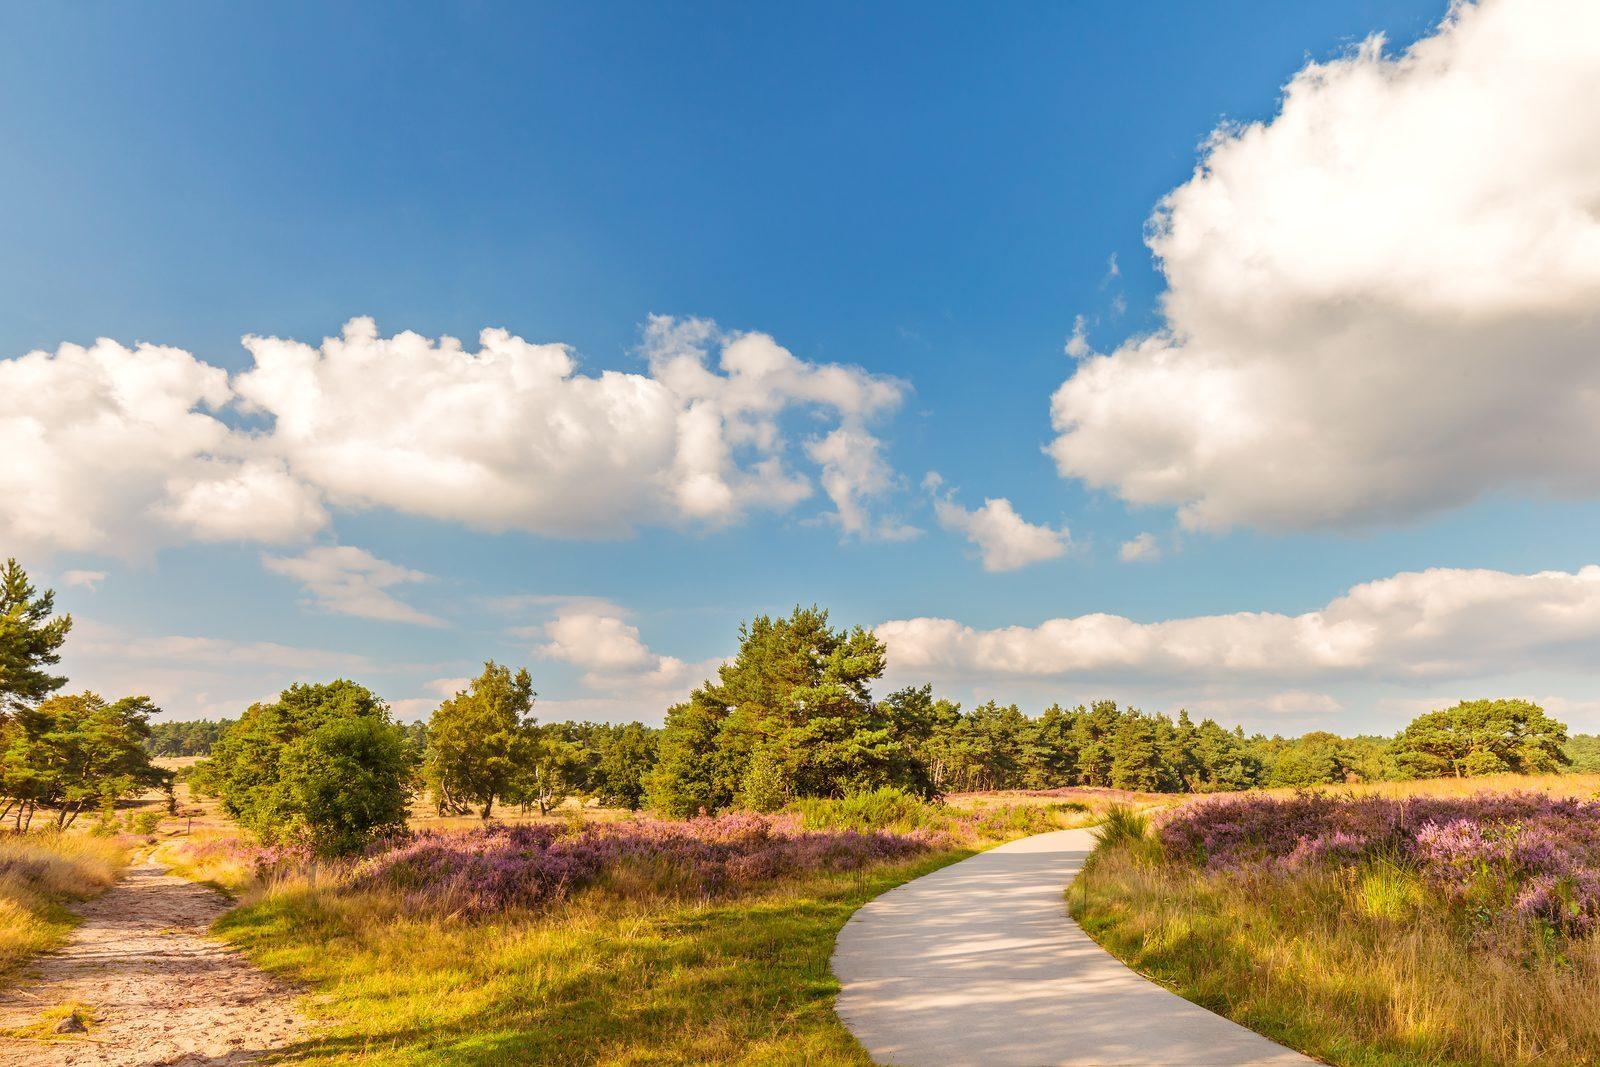 Dit zijn de 10 allermooiste wandelroutes op de Veluwe